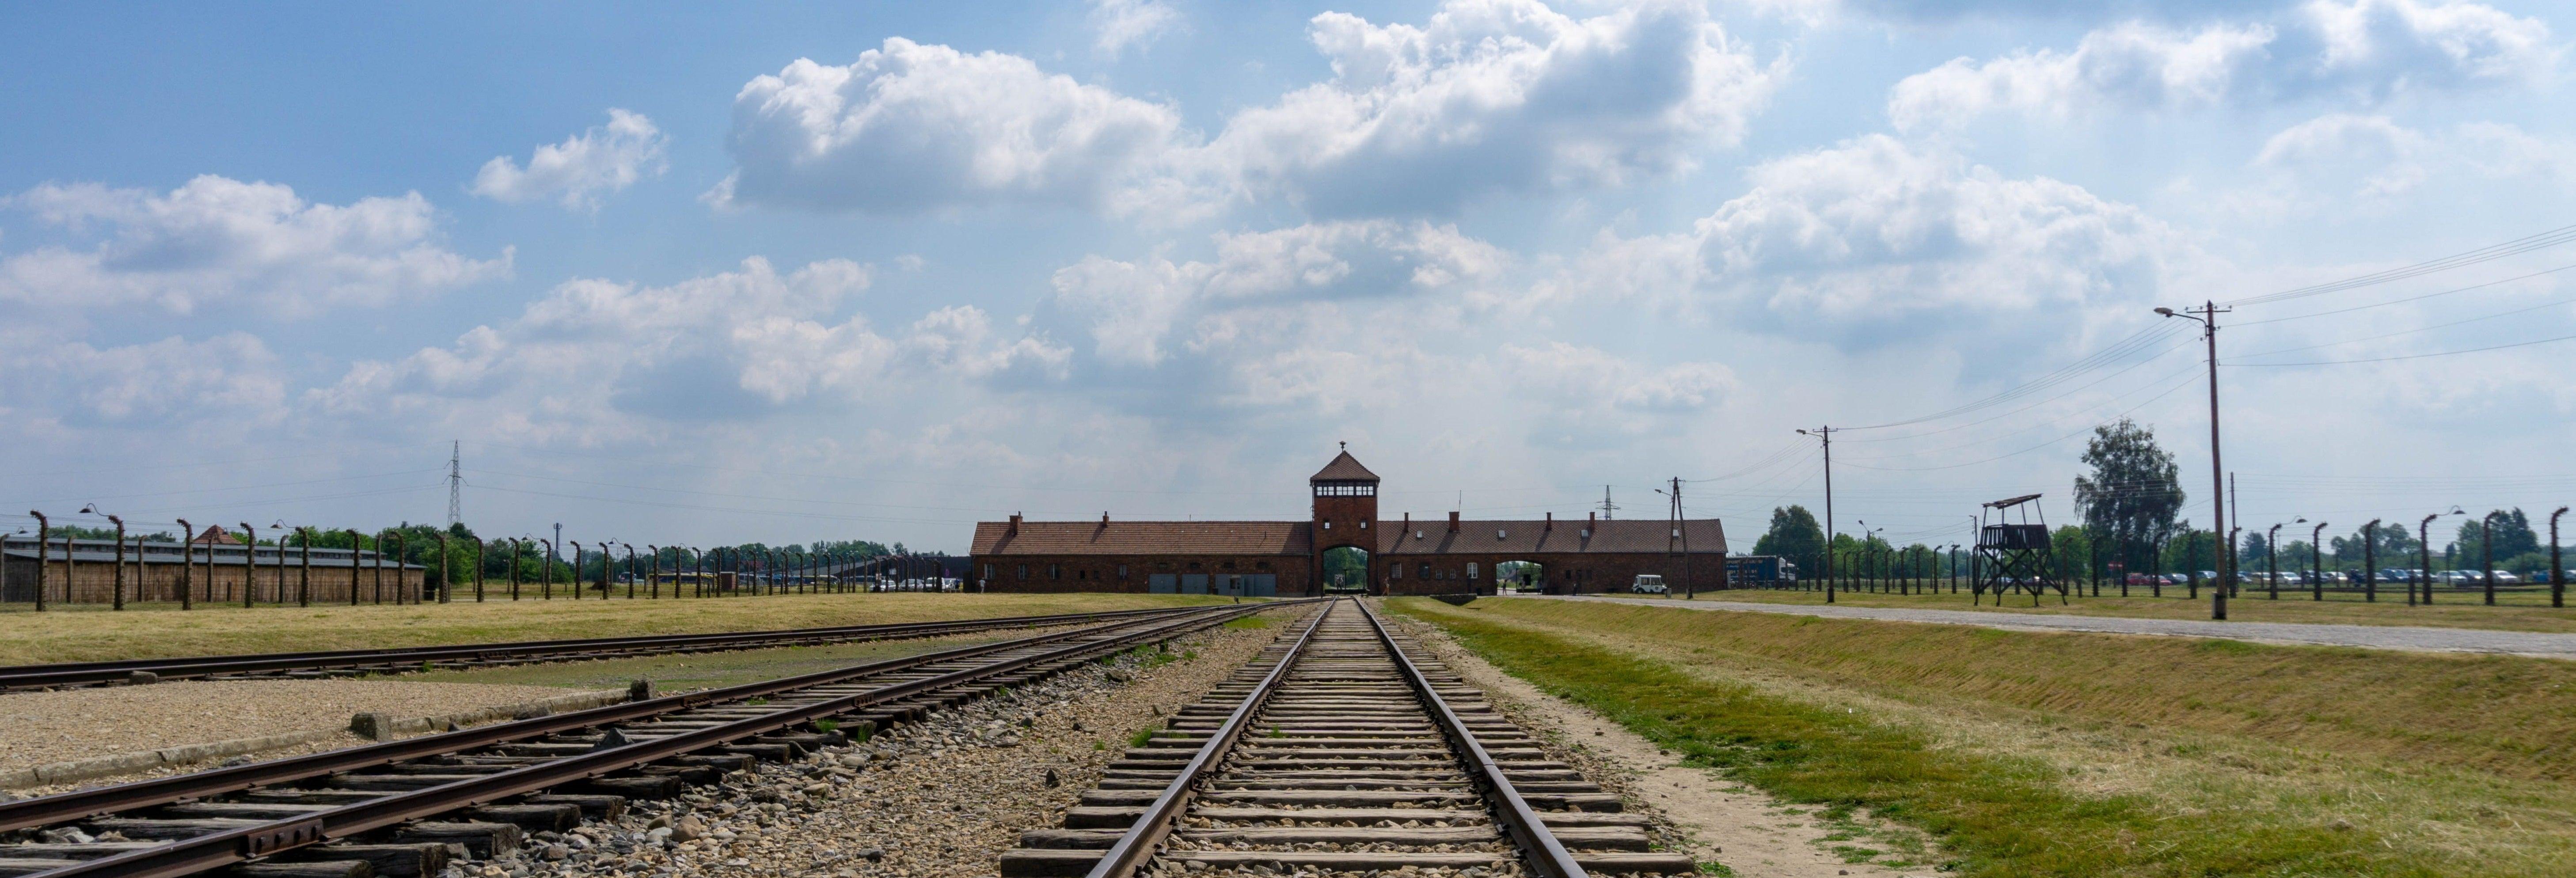 Excursion à Auschwitz-Birkenau